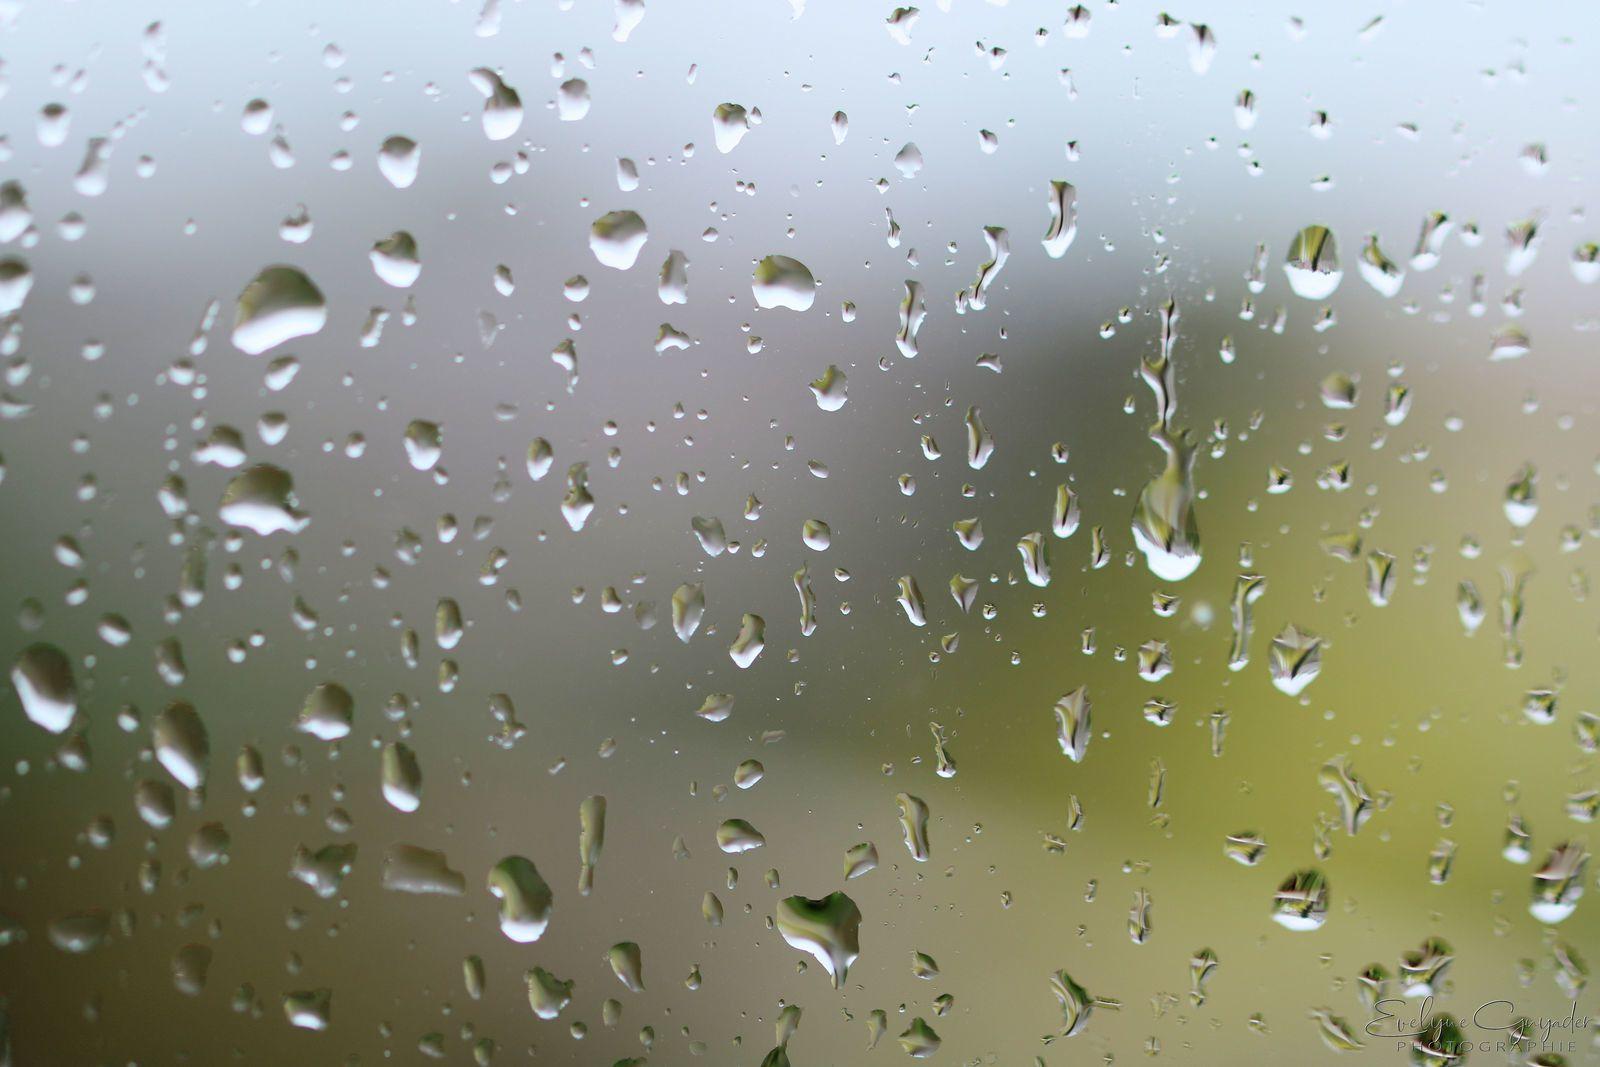 Ce n'est pas encore l'hiver, mais Sacha Distel aussi chantait sous la pluie !